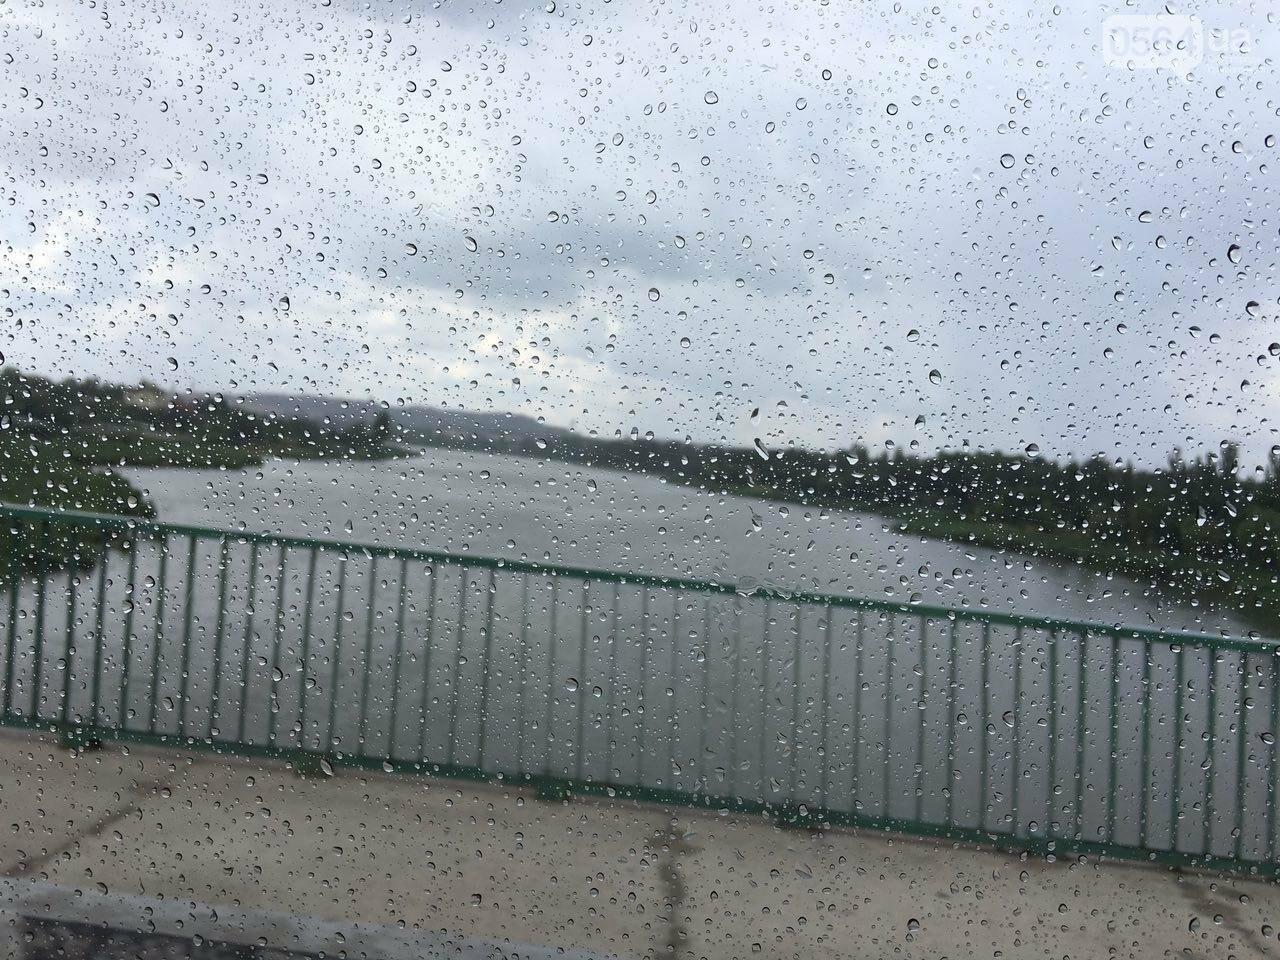 Маршрут дождя: В Кривом Роге в одних районах льет ливень, в других ярко светит солнце, - ФОТО, фото-19